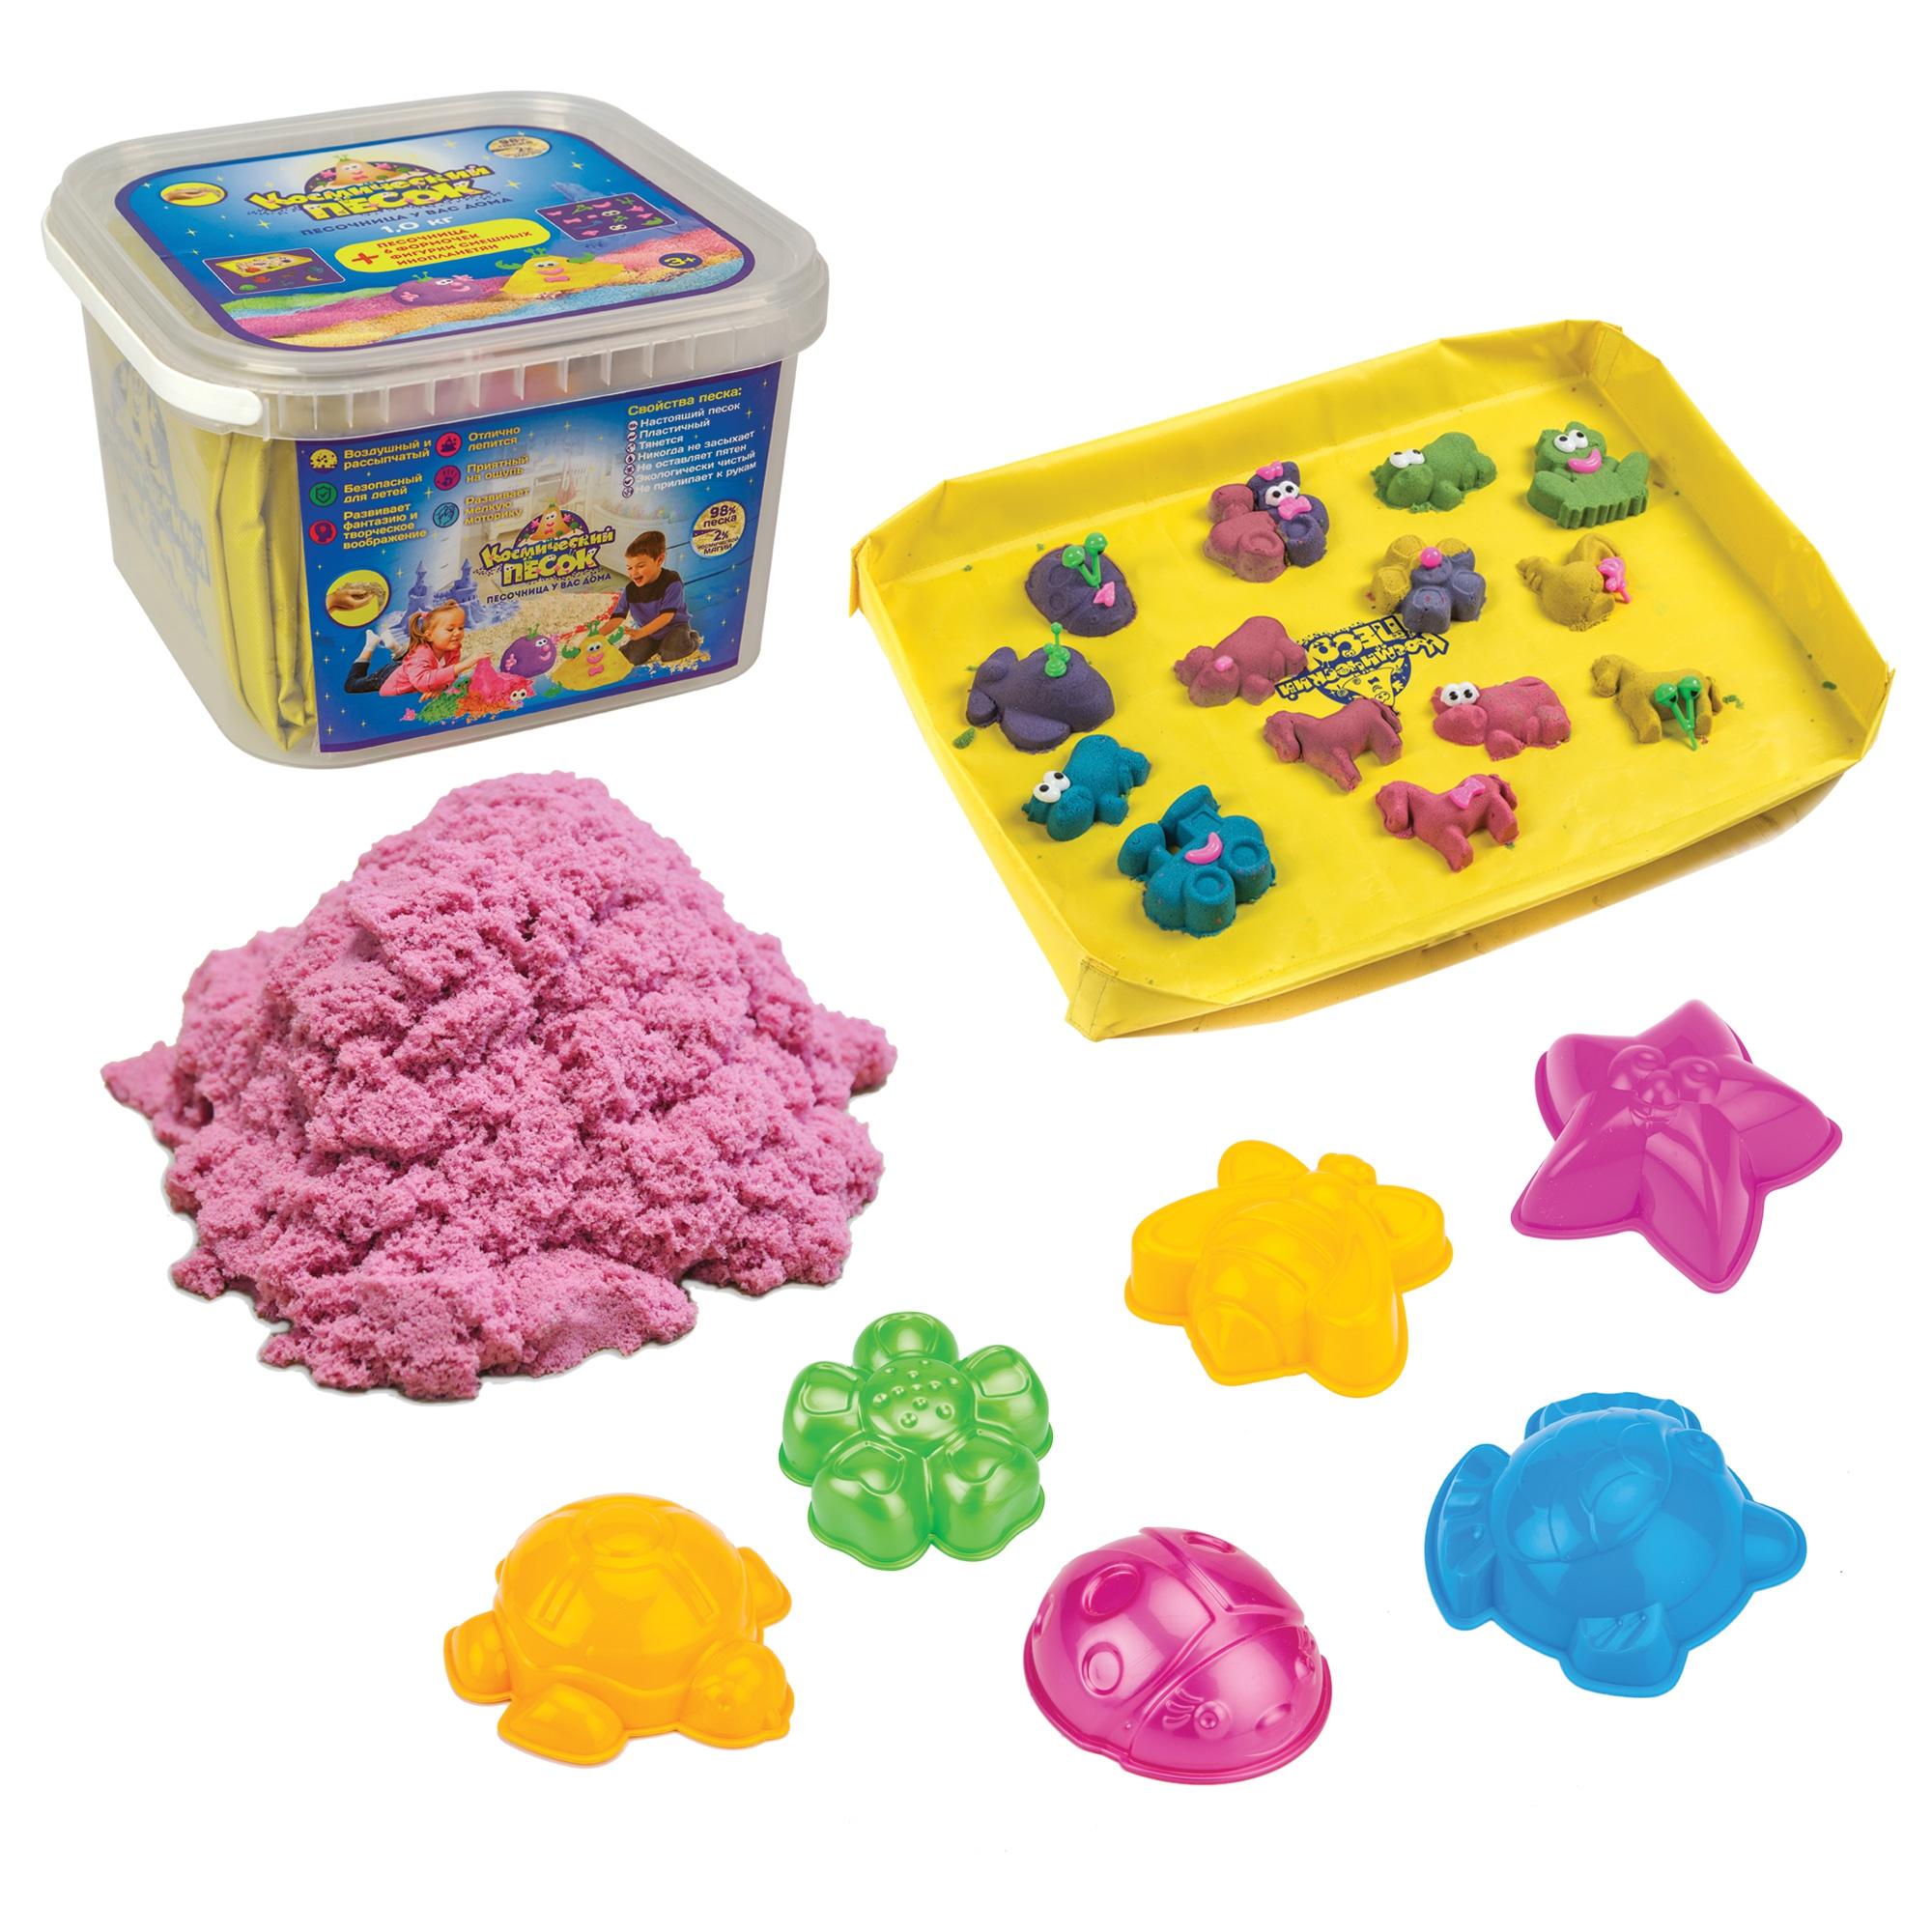 Кинетический песок Космический песок Космический песок Розовый 1 кг + набор песочница и формочки набор для лепки космический песок 500г yellow t57728